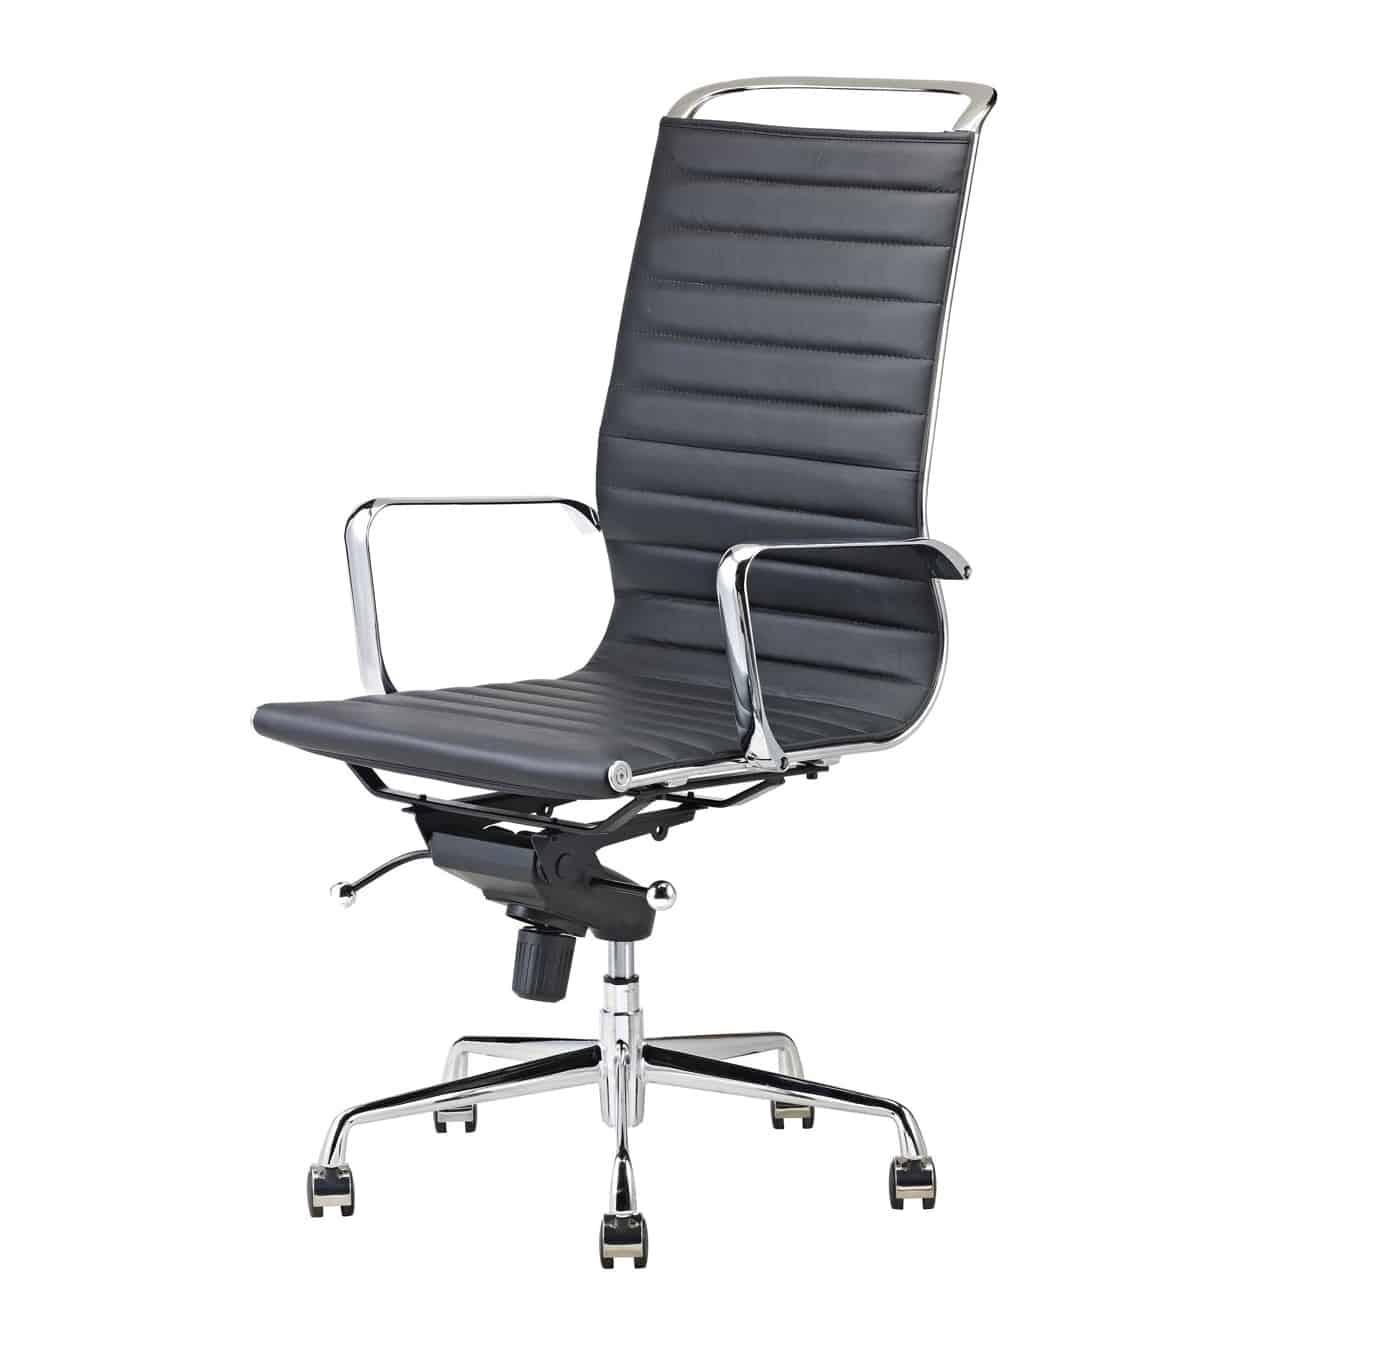 Luxe Leren Bureaustoel.Feel Furniture Leren Luxe Design Ergonomische Bureaustoel Met Hoge